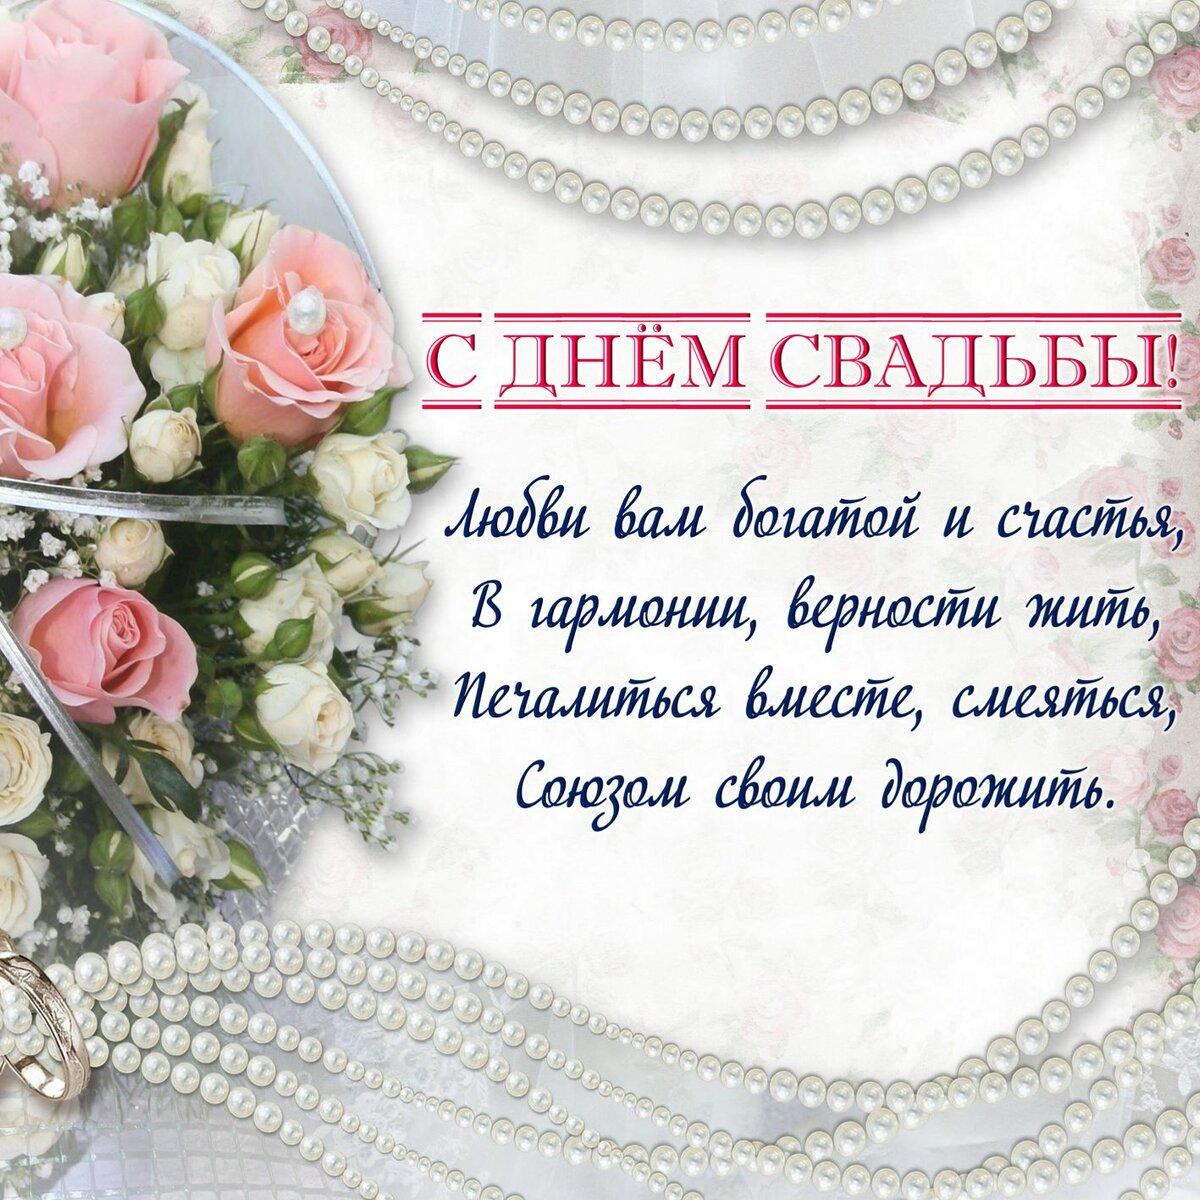 Текст поздравления с днем свадьбы короткие, картинки открытки